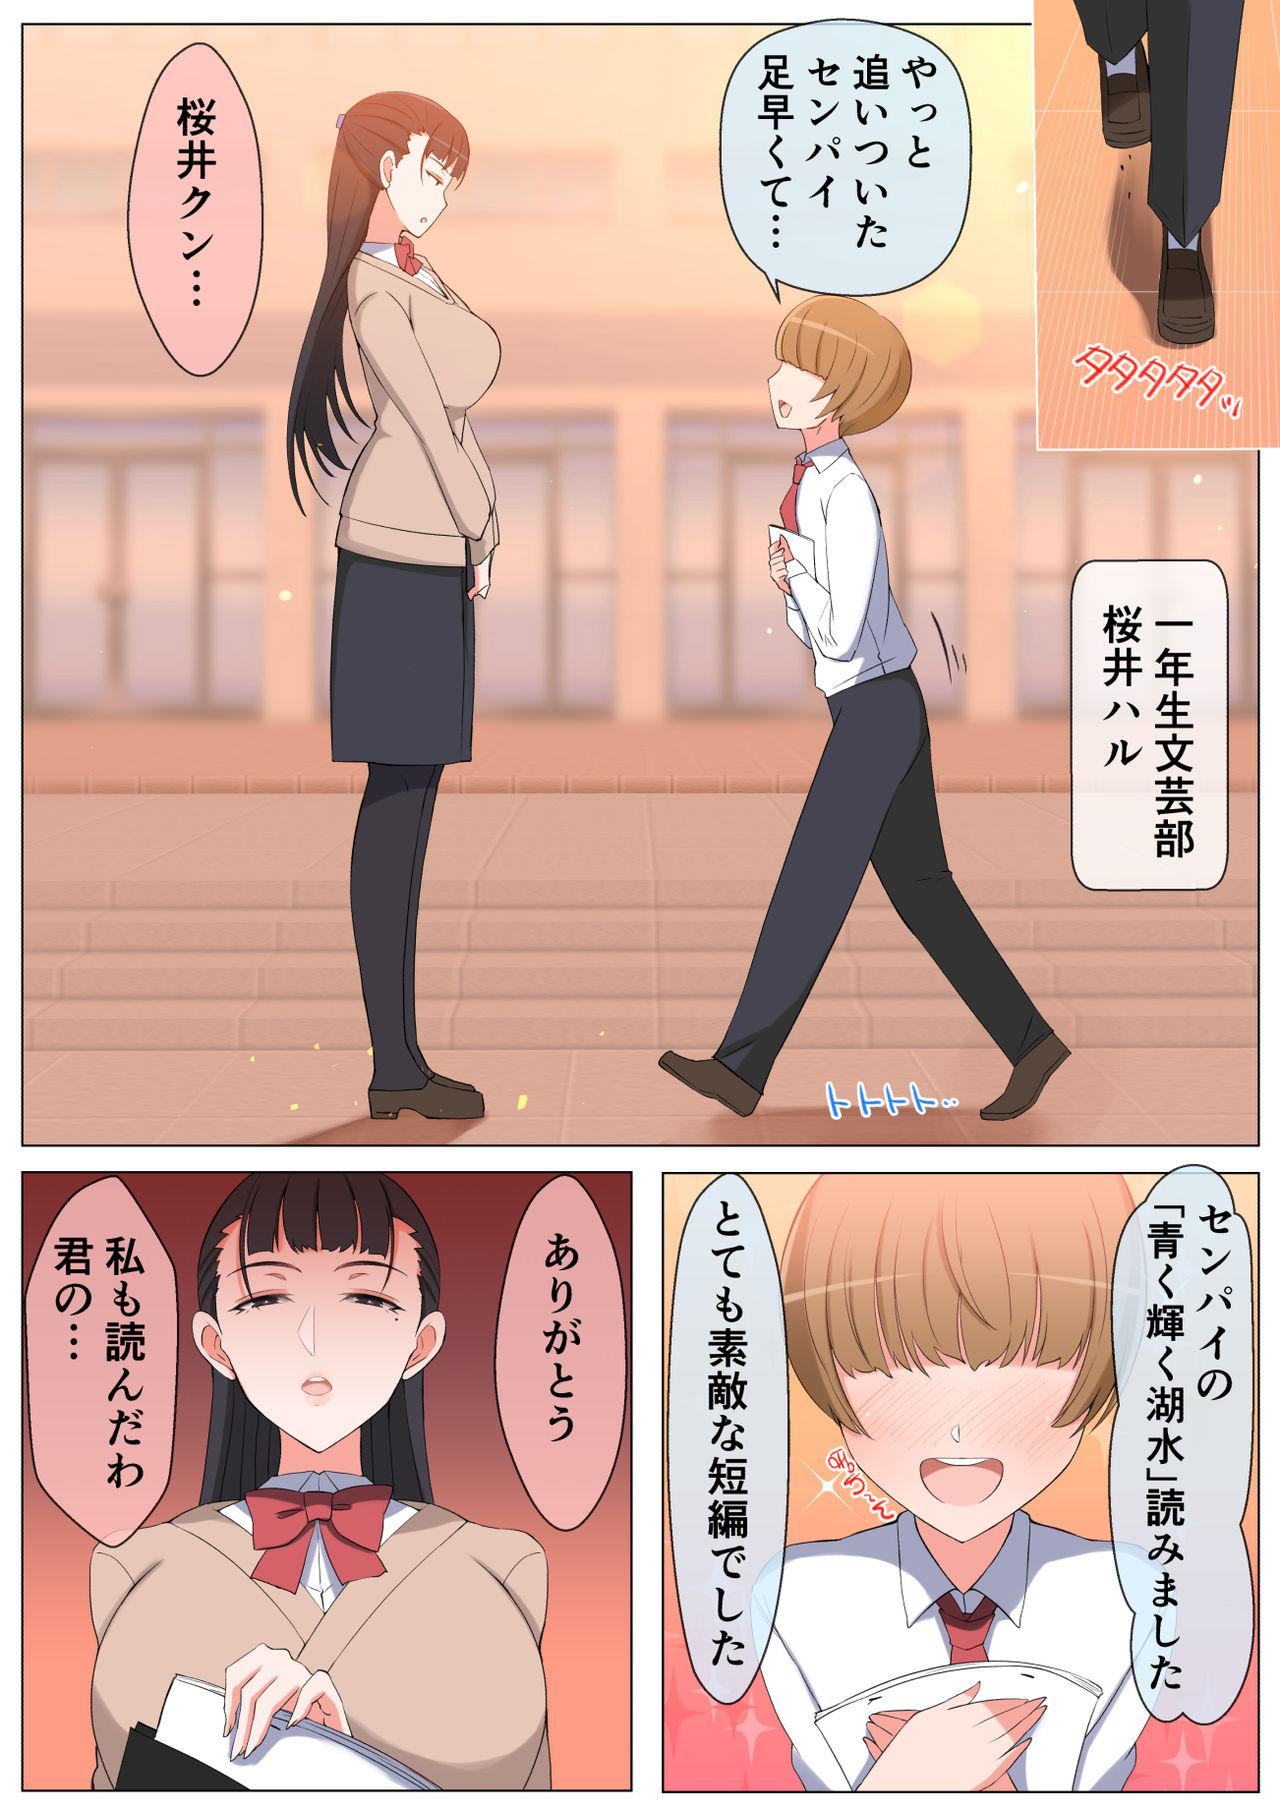 Haru-kun to Yukina Senpai 2